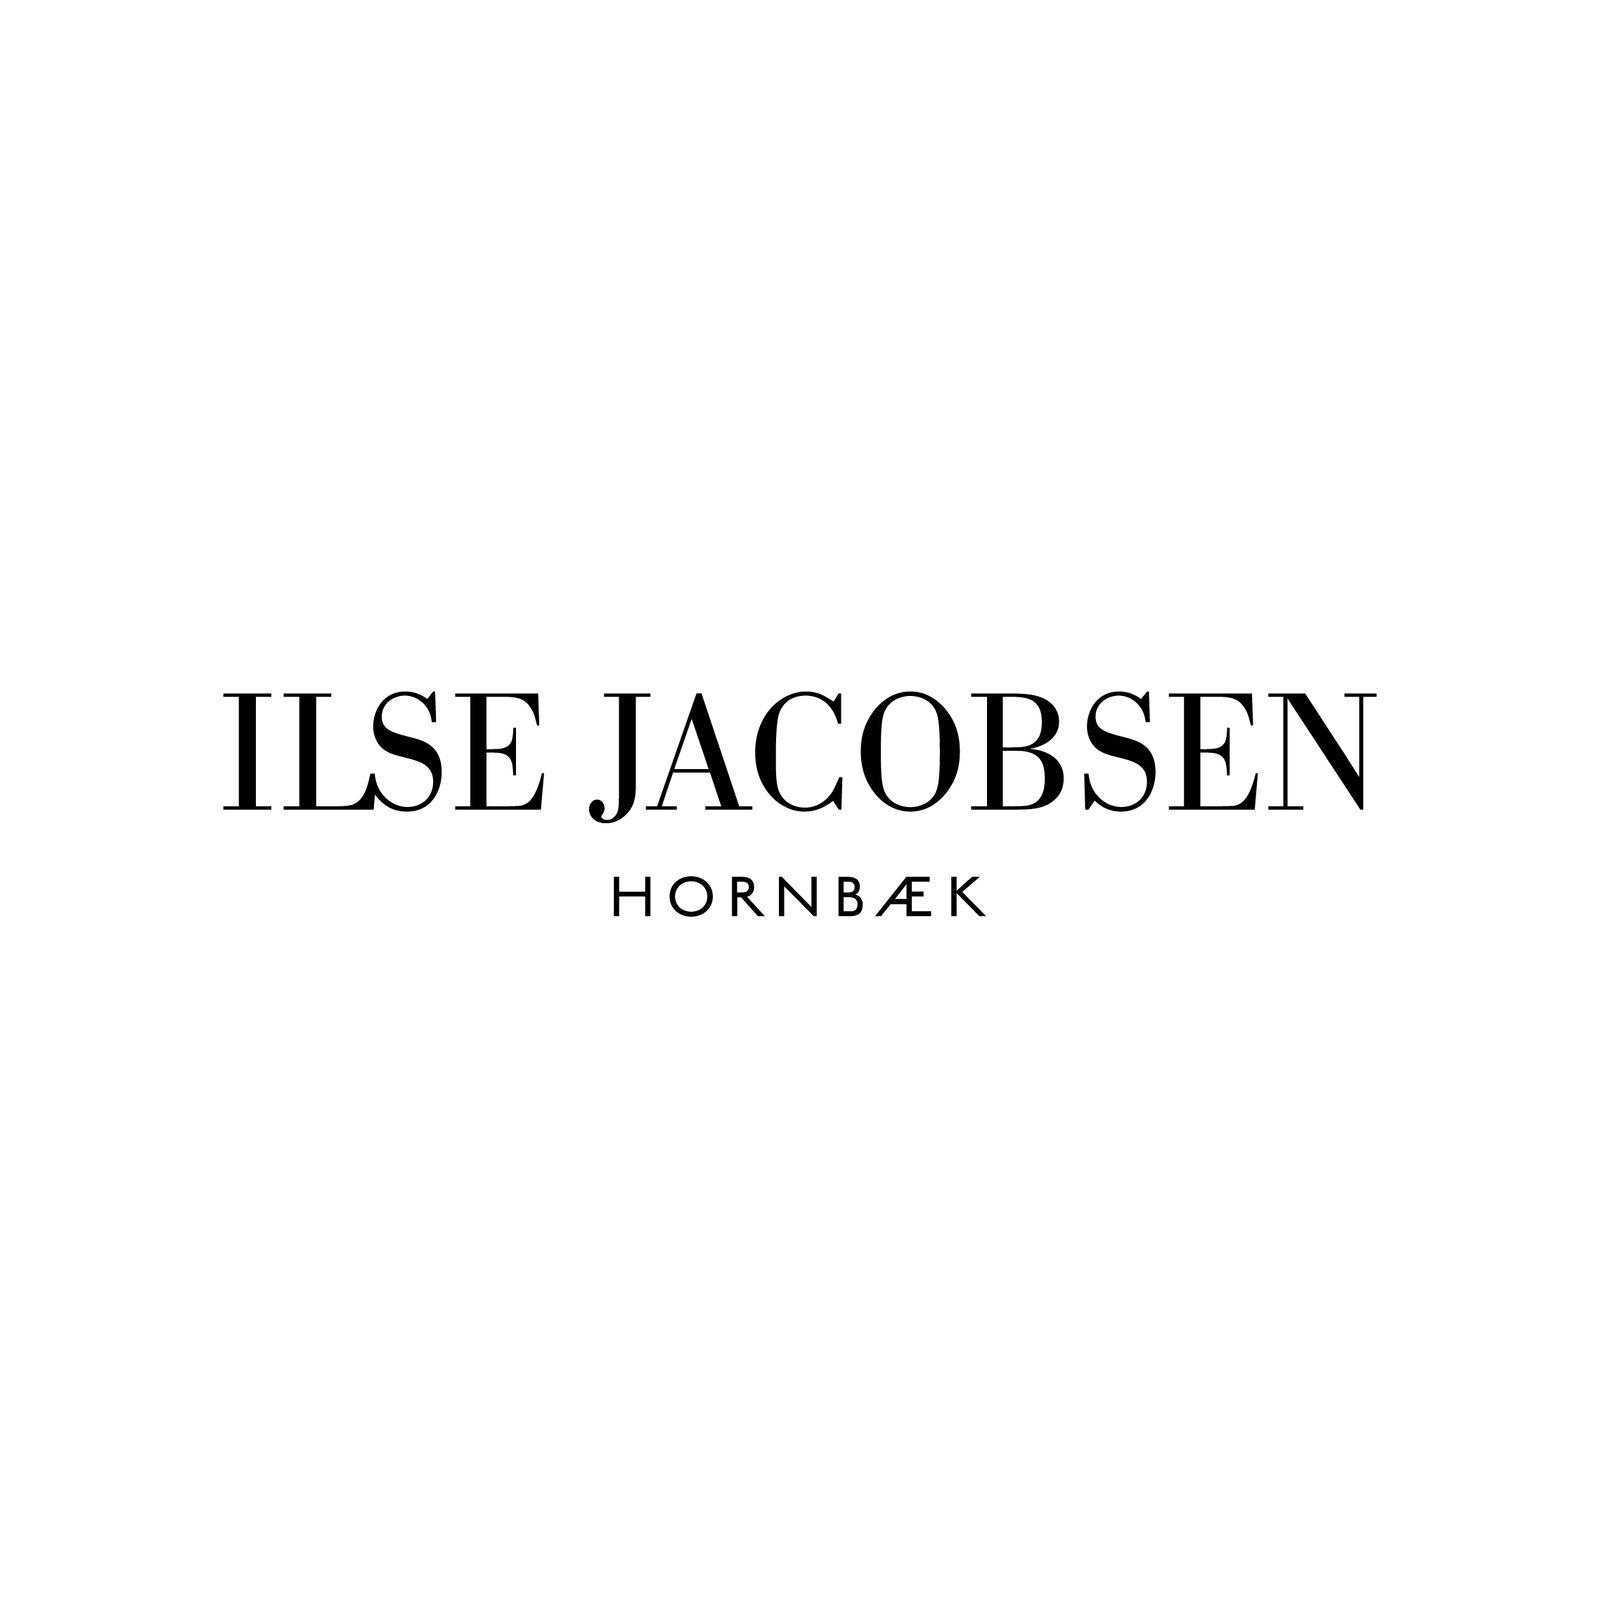 ILSE JACOBSEN Hornbæk (Bild 1)